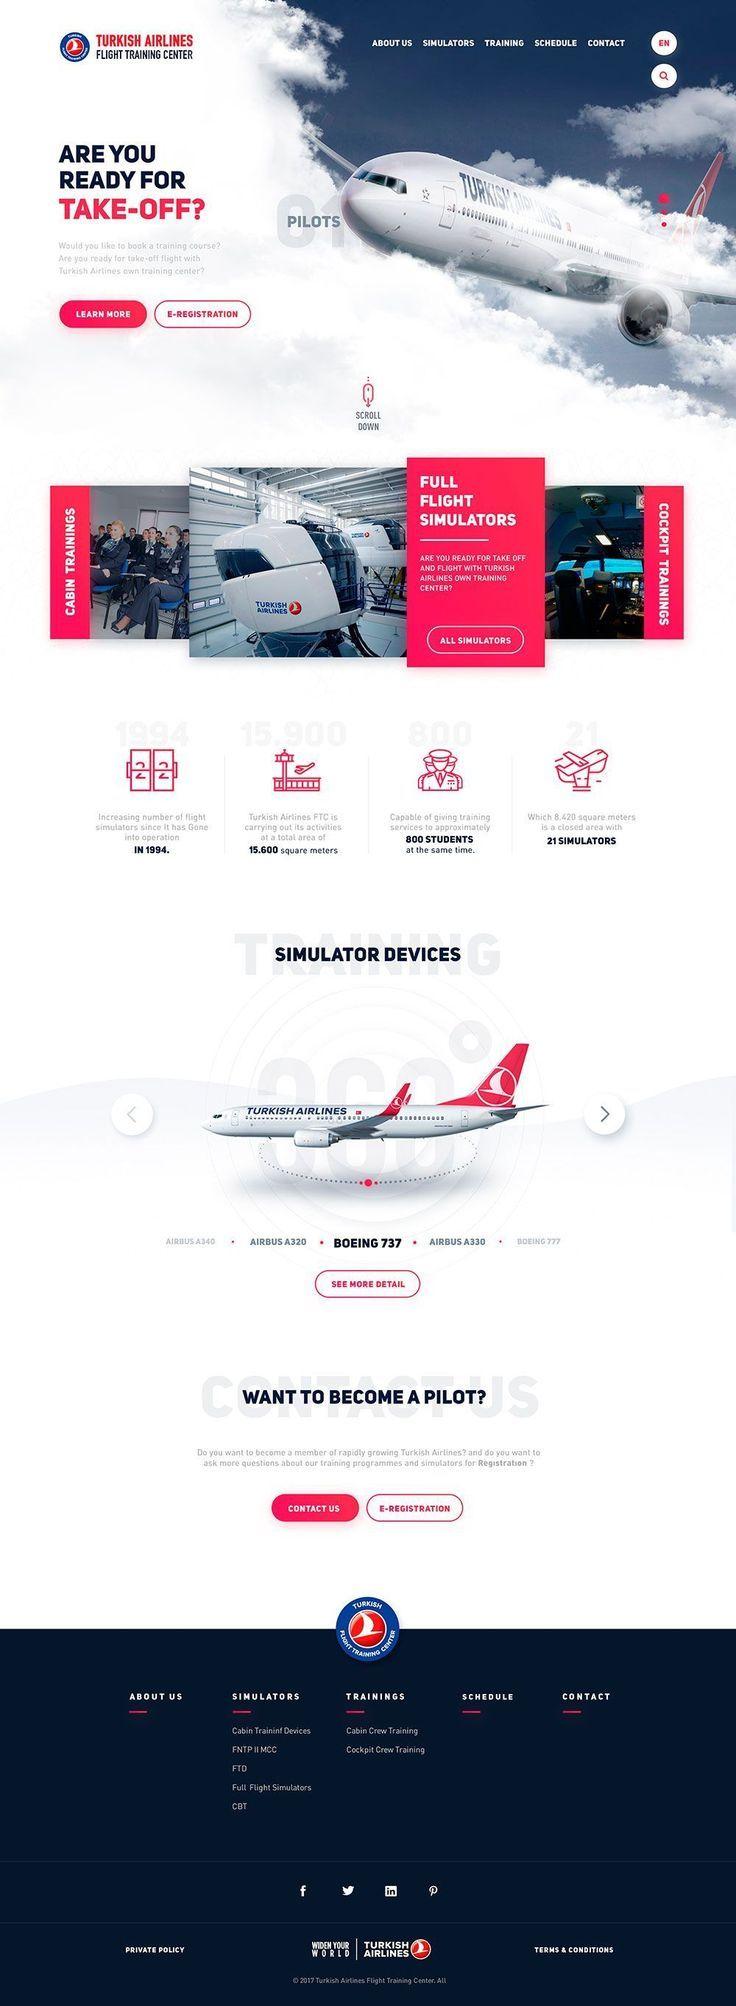 Inspiración. Rediseños para webs de aerolíneas | MlMonferrer